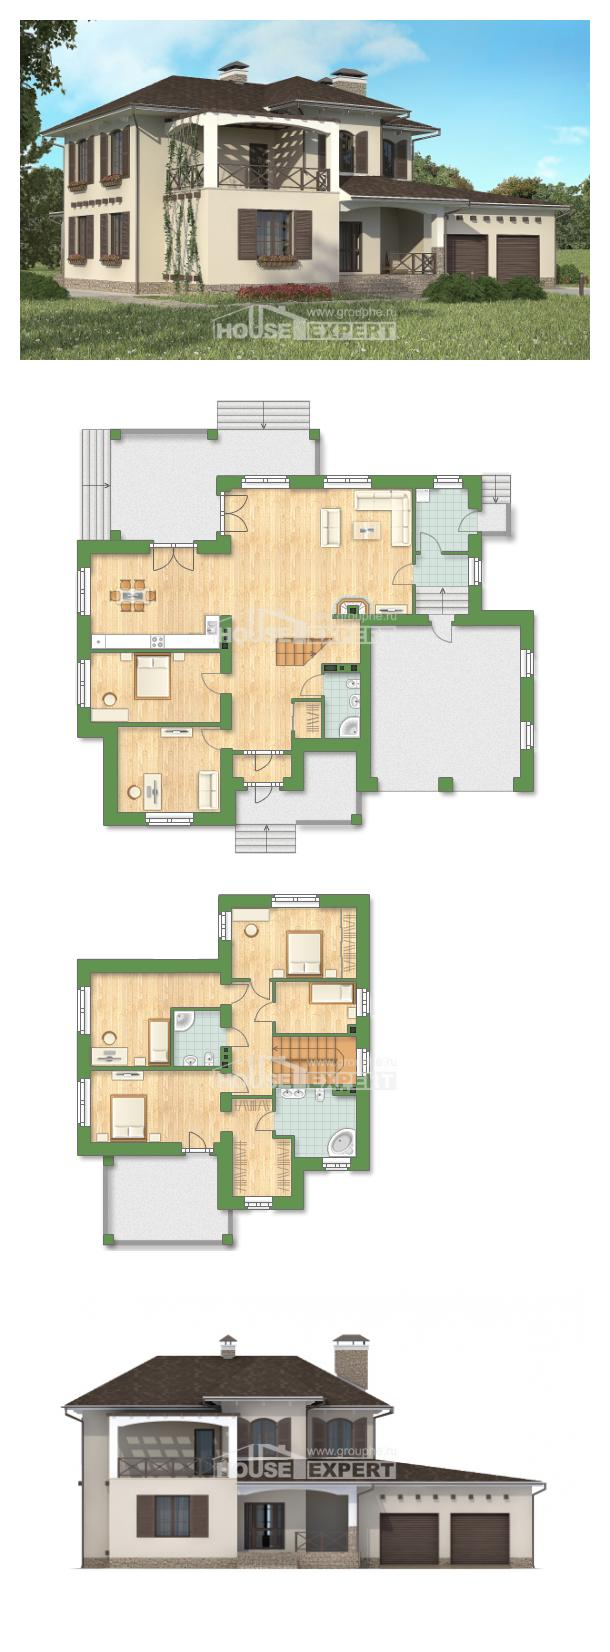 Проект дома 285-002-П   House Expert